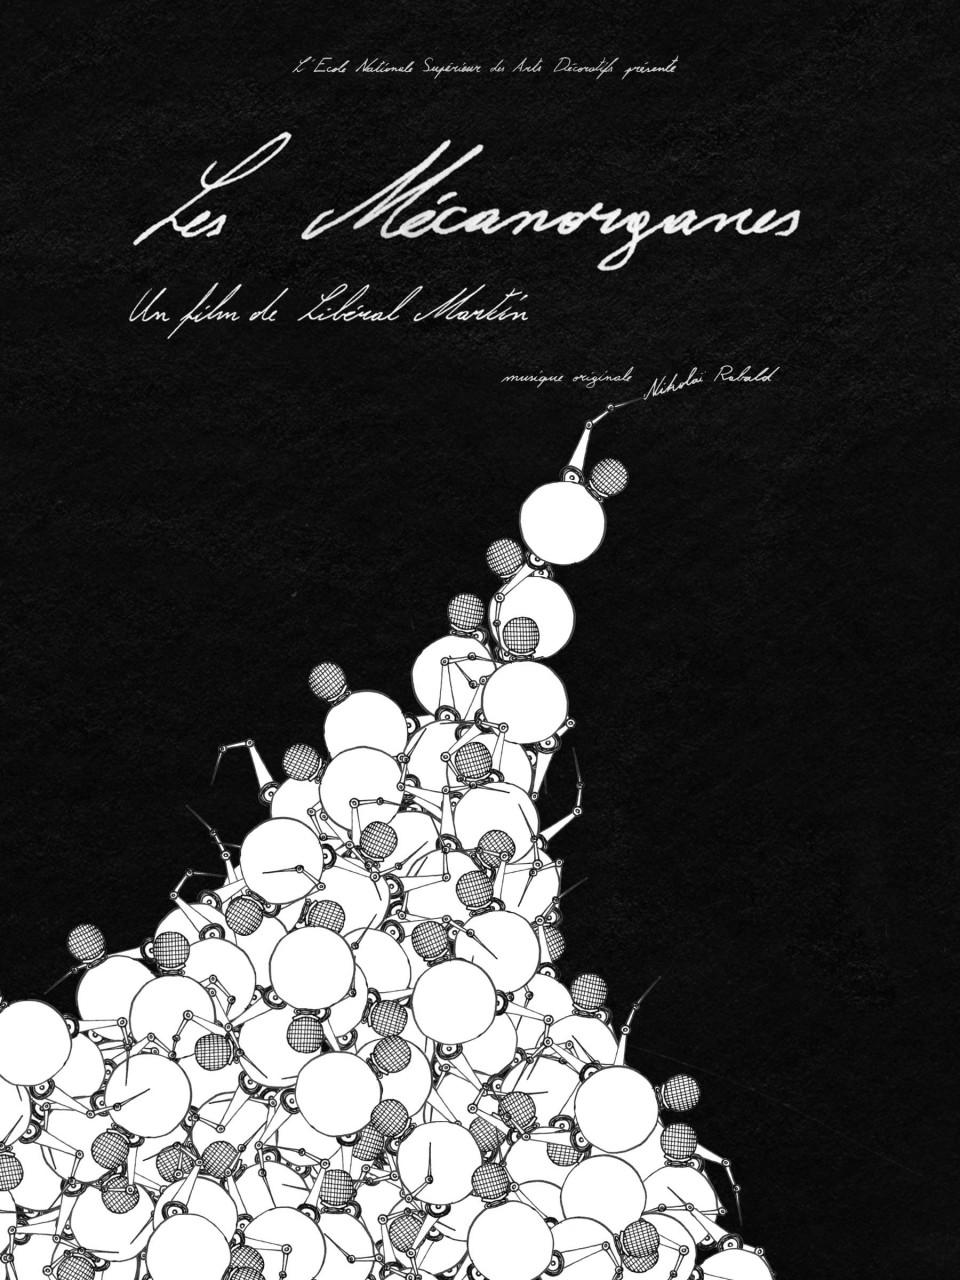 Les Mécanorganes